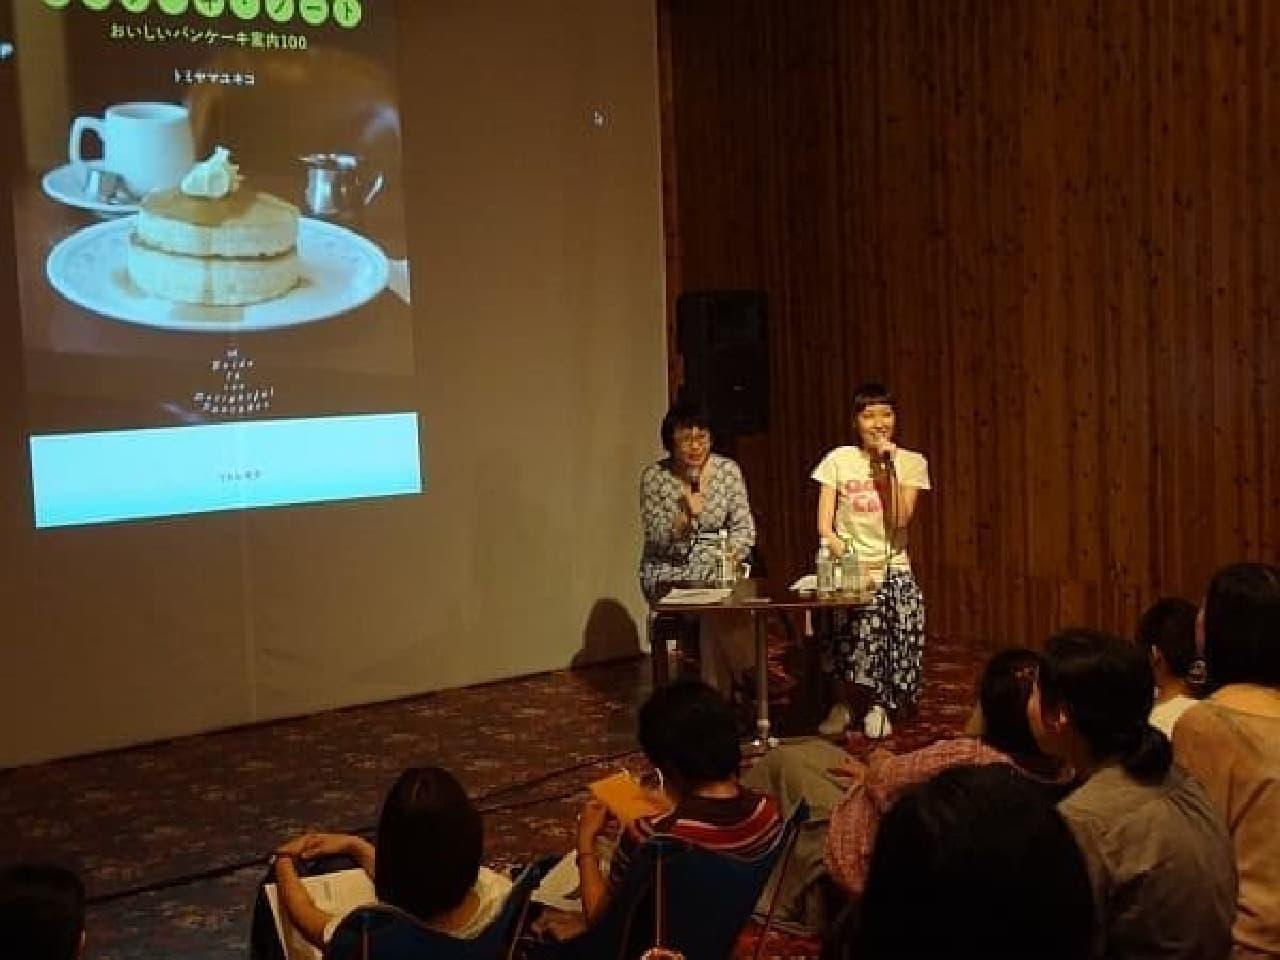 福田里香さん(左)とトミヤマユキコさん(右)